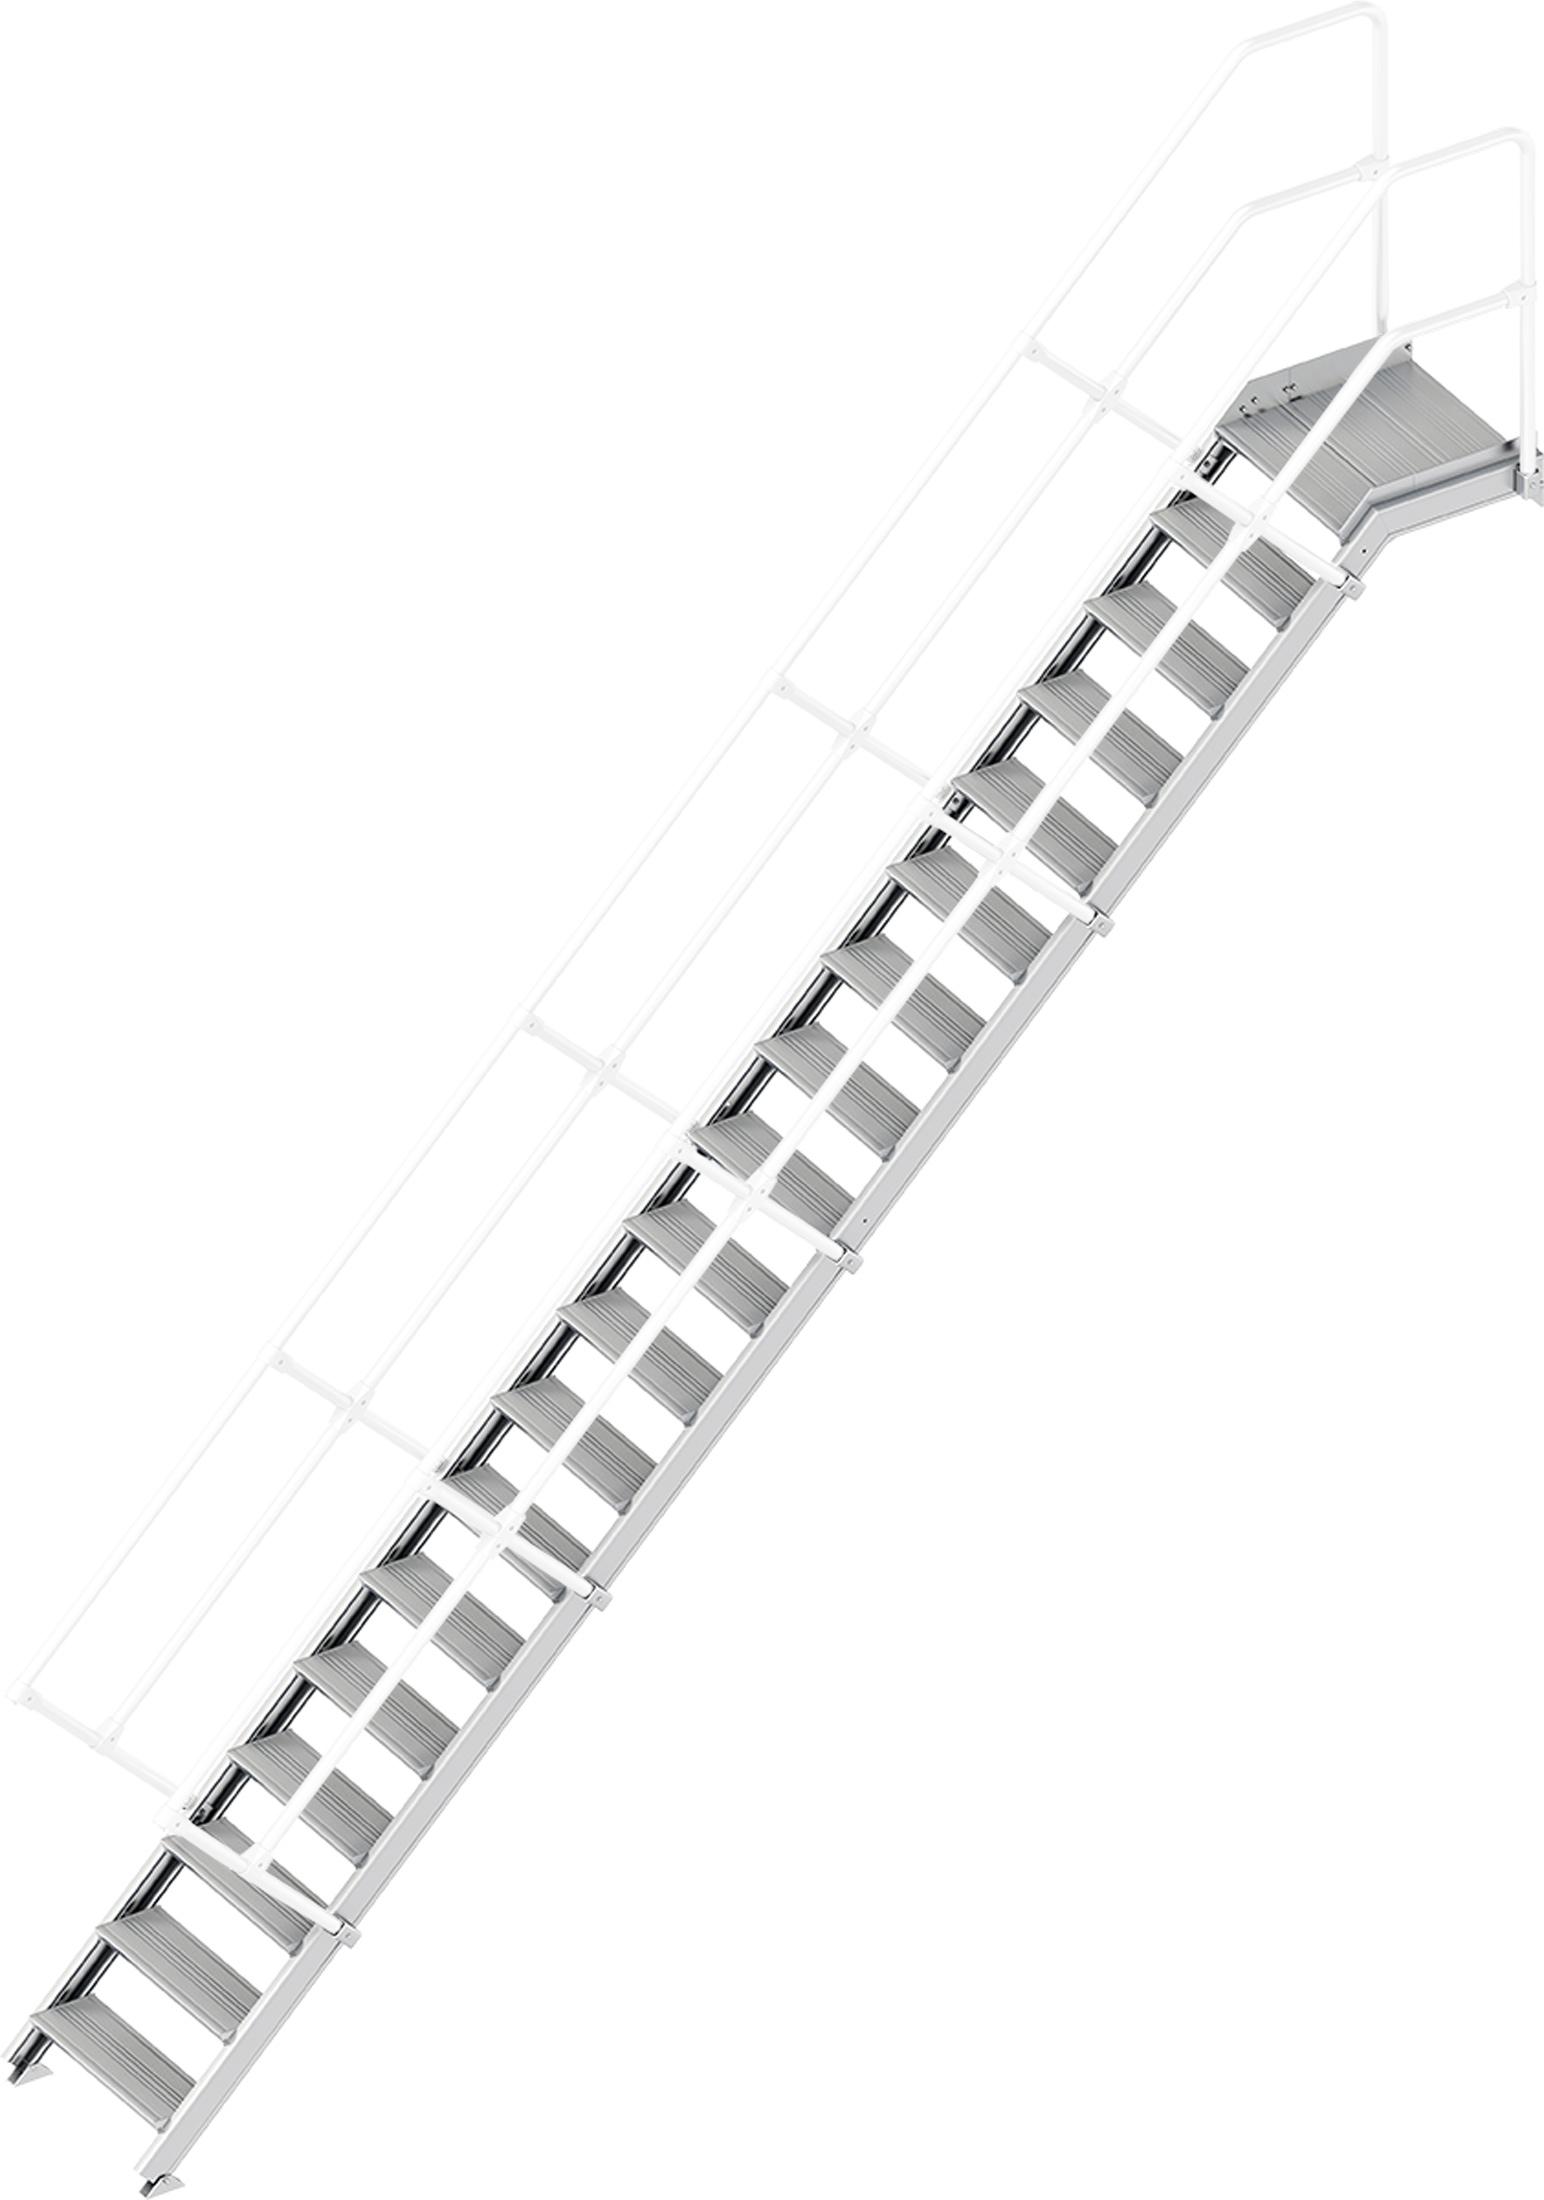 Layher Plattformtreppe 45° 19 Stufen - 600 mm breit